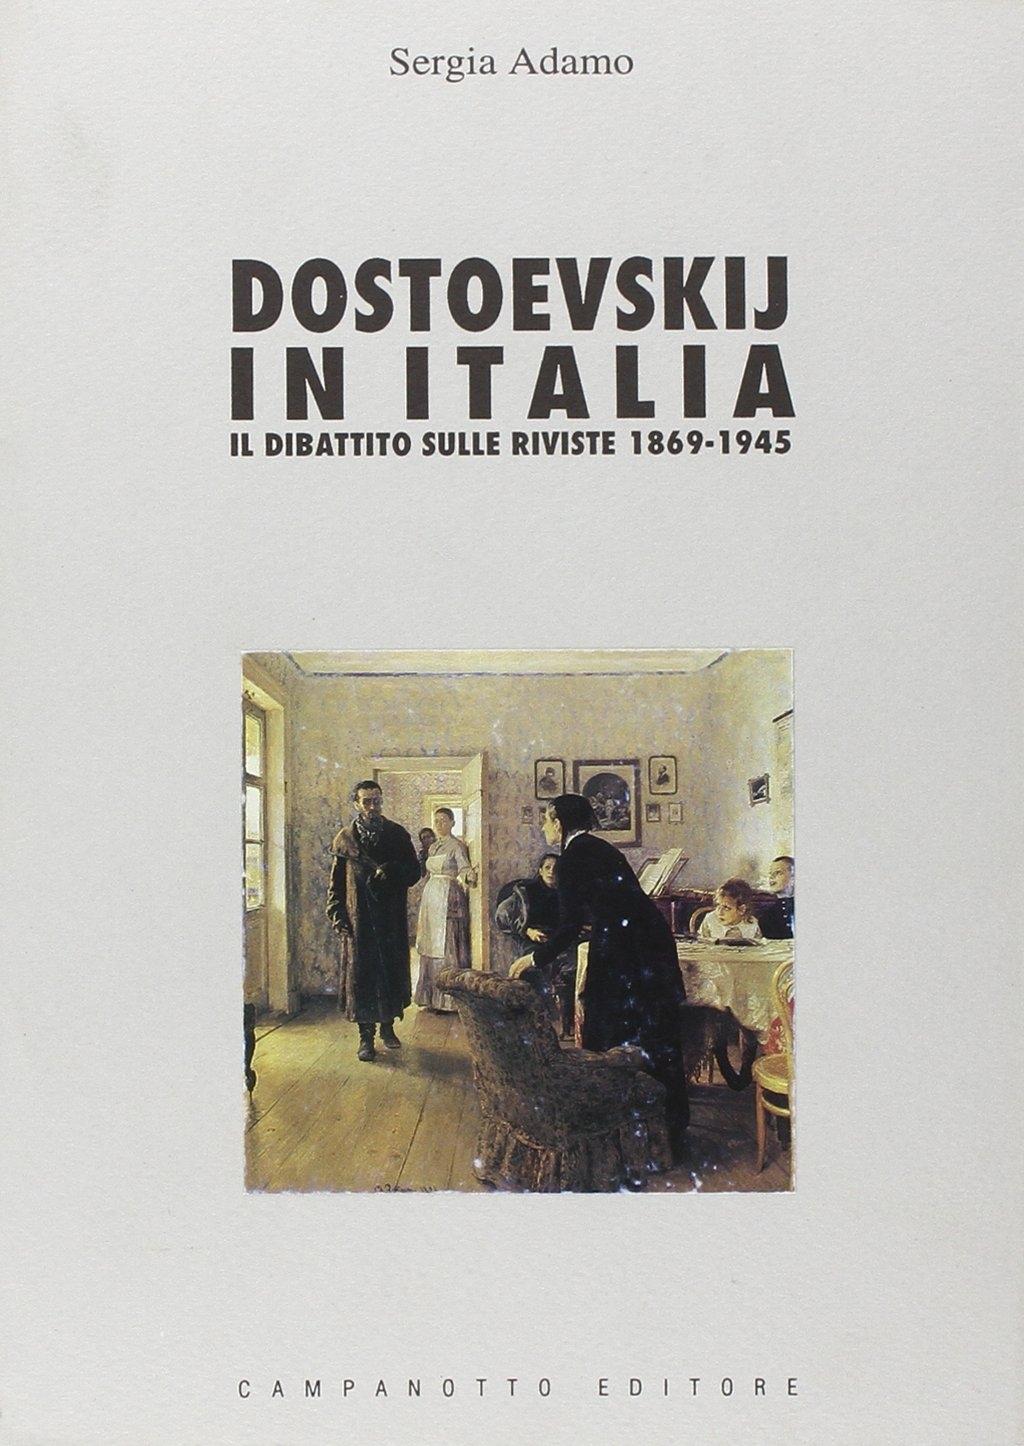 Dostoevskij in Italia. Il dibattito sulle riviste (1869-1945).